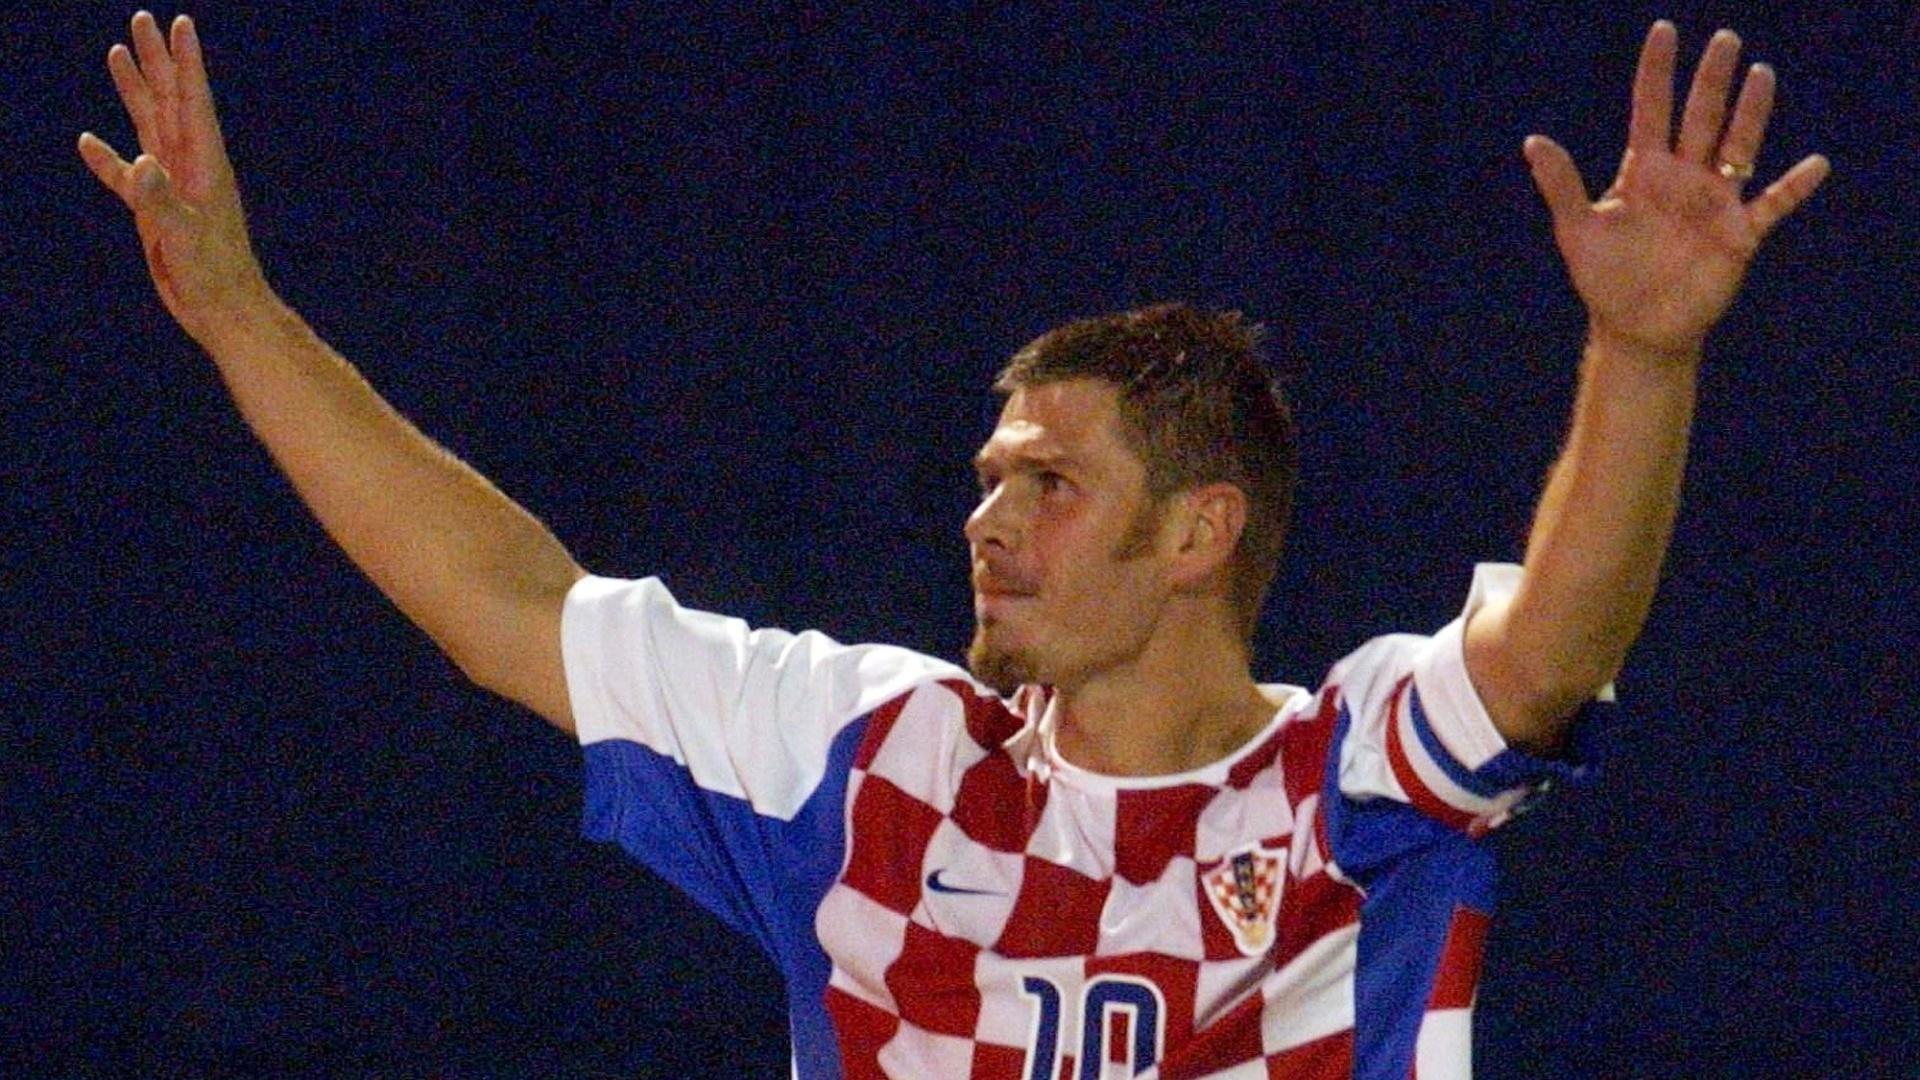 Após brilhar pelo Dínamo Zagreb no final dos anos 80, o habilidoso meia croata Boban foi contratado pelo Milan em 1991 e passou dez anos no clube